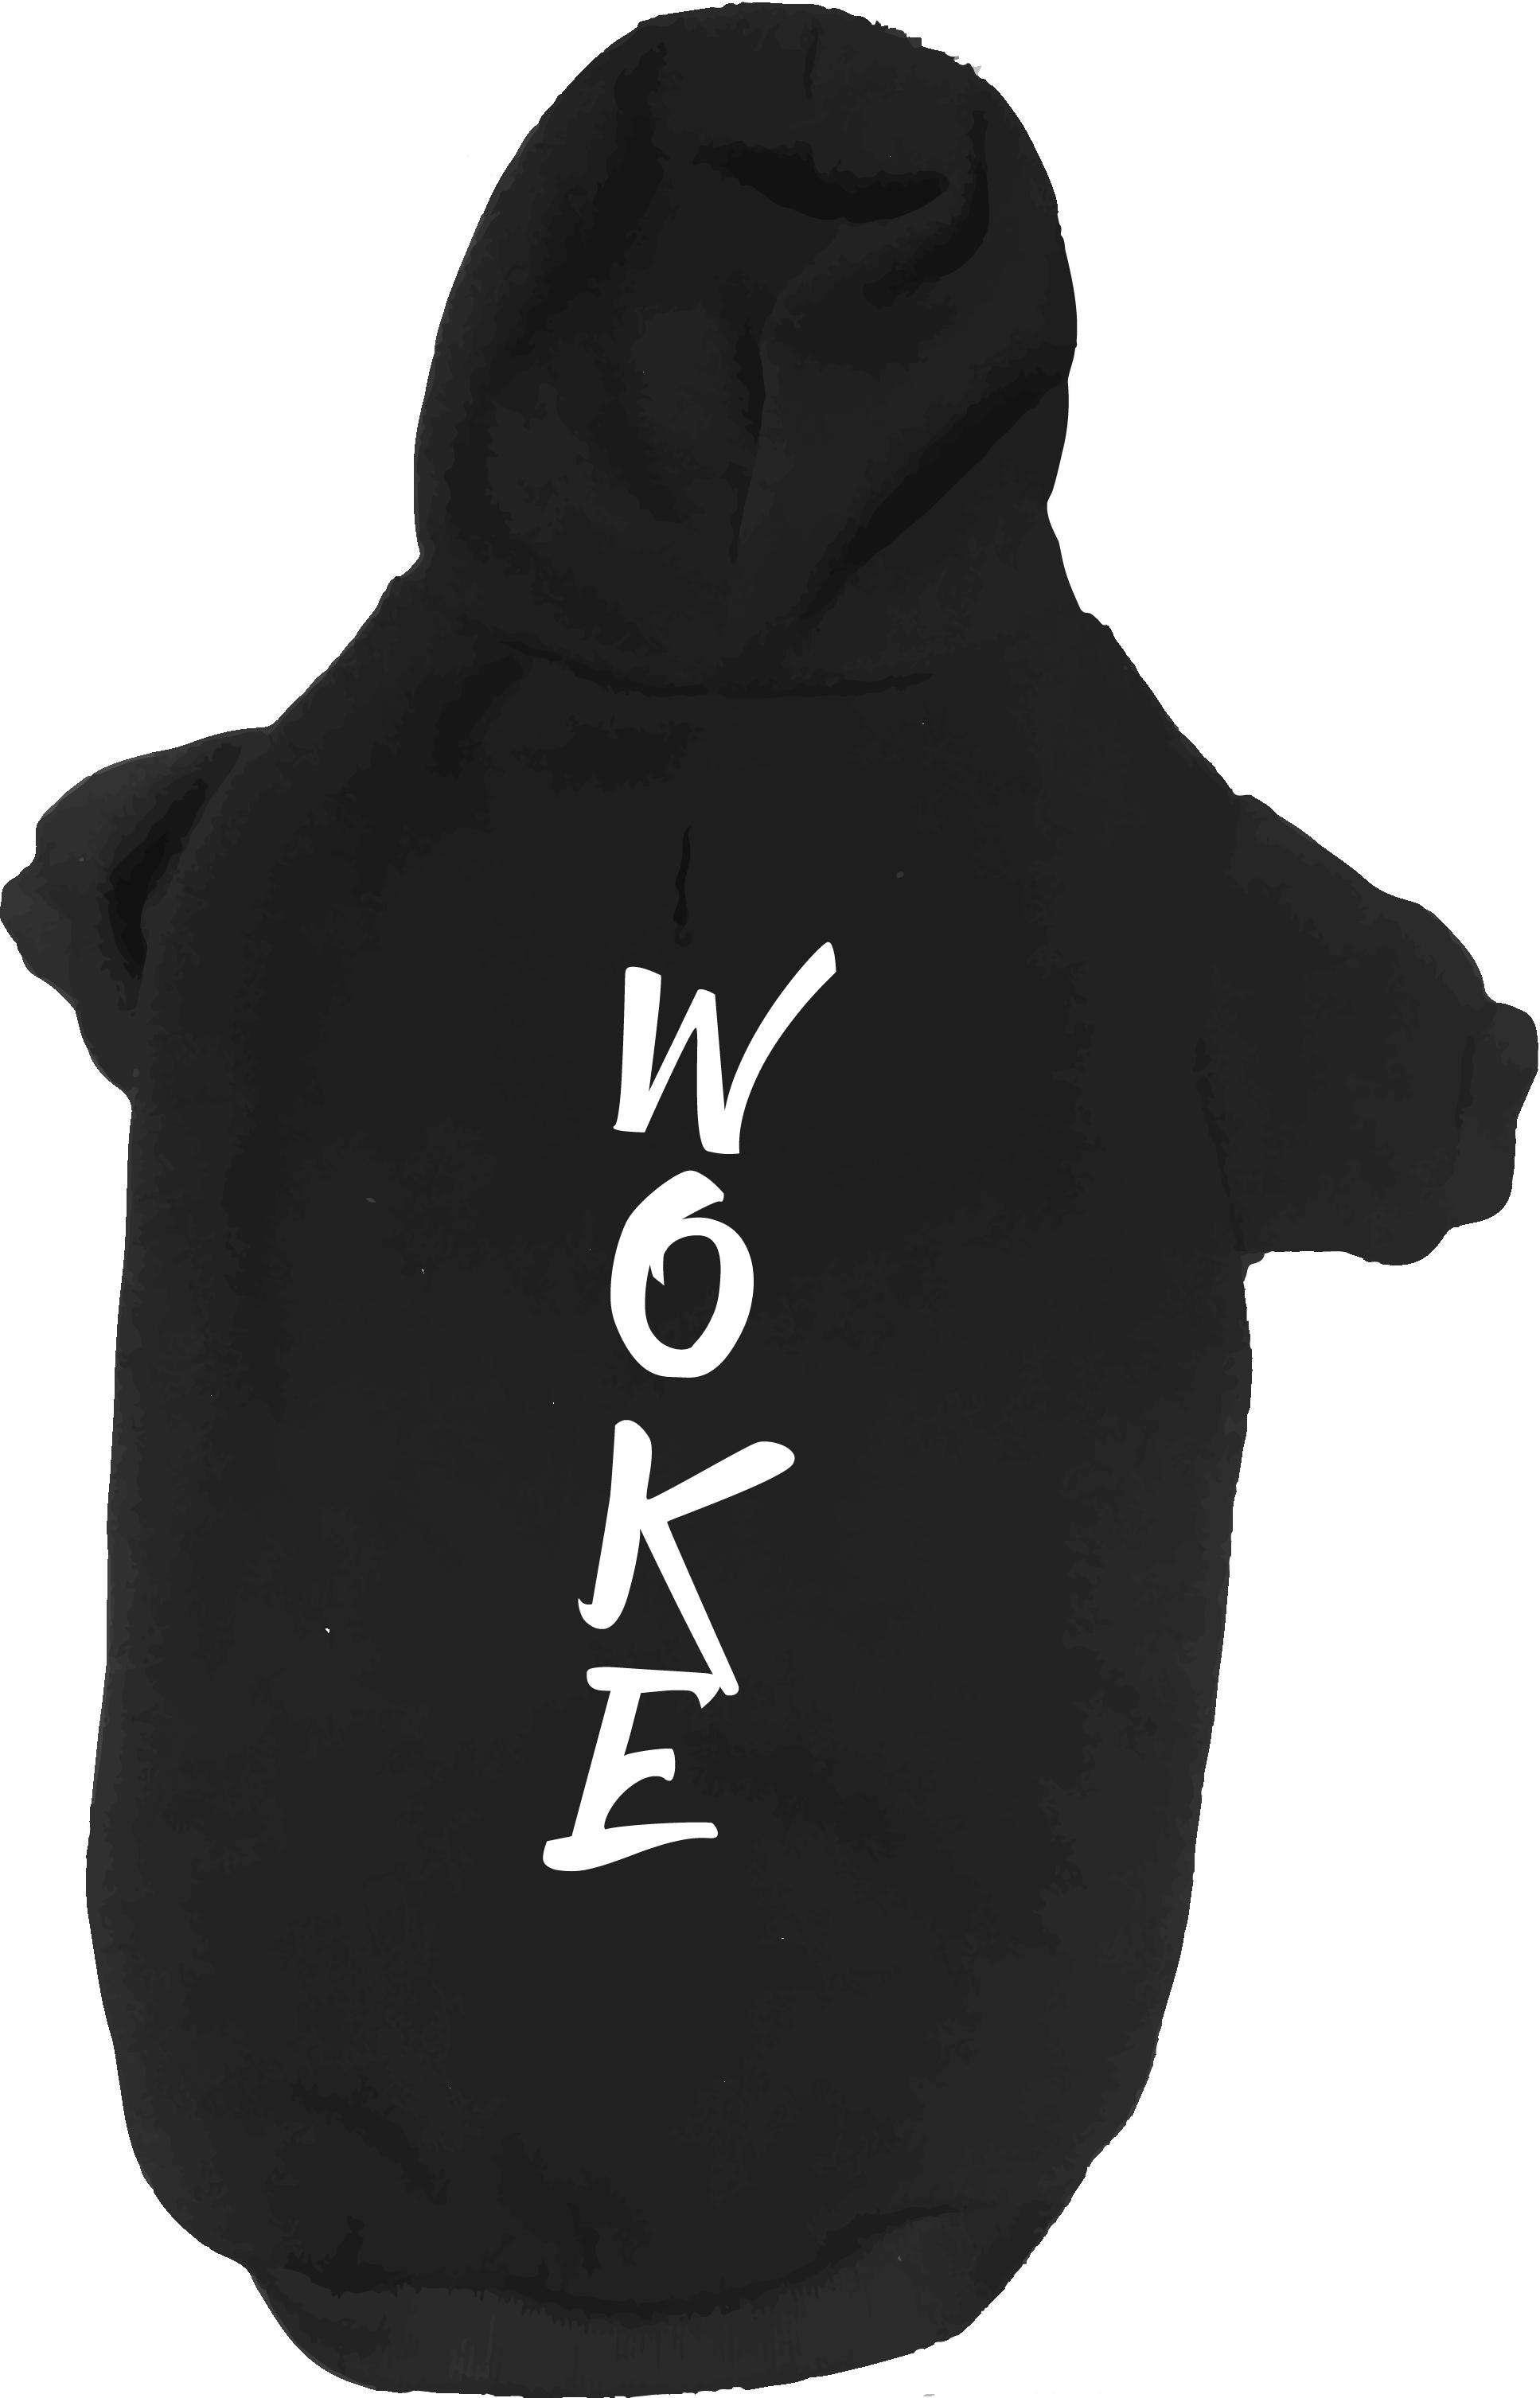 Woke Dog hoodie mockup.png